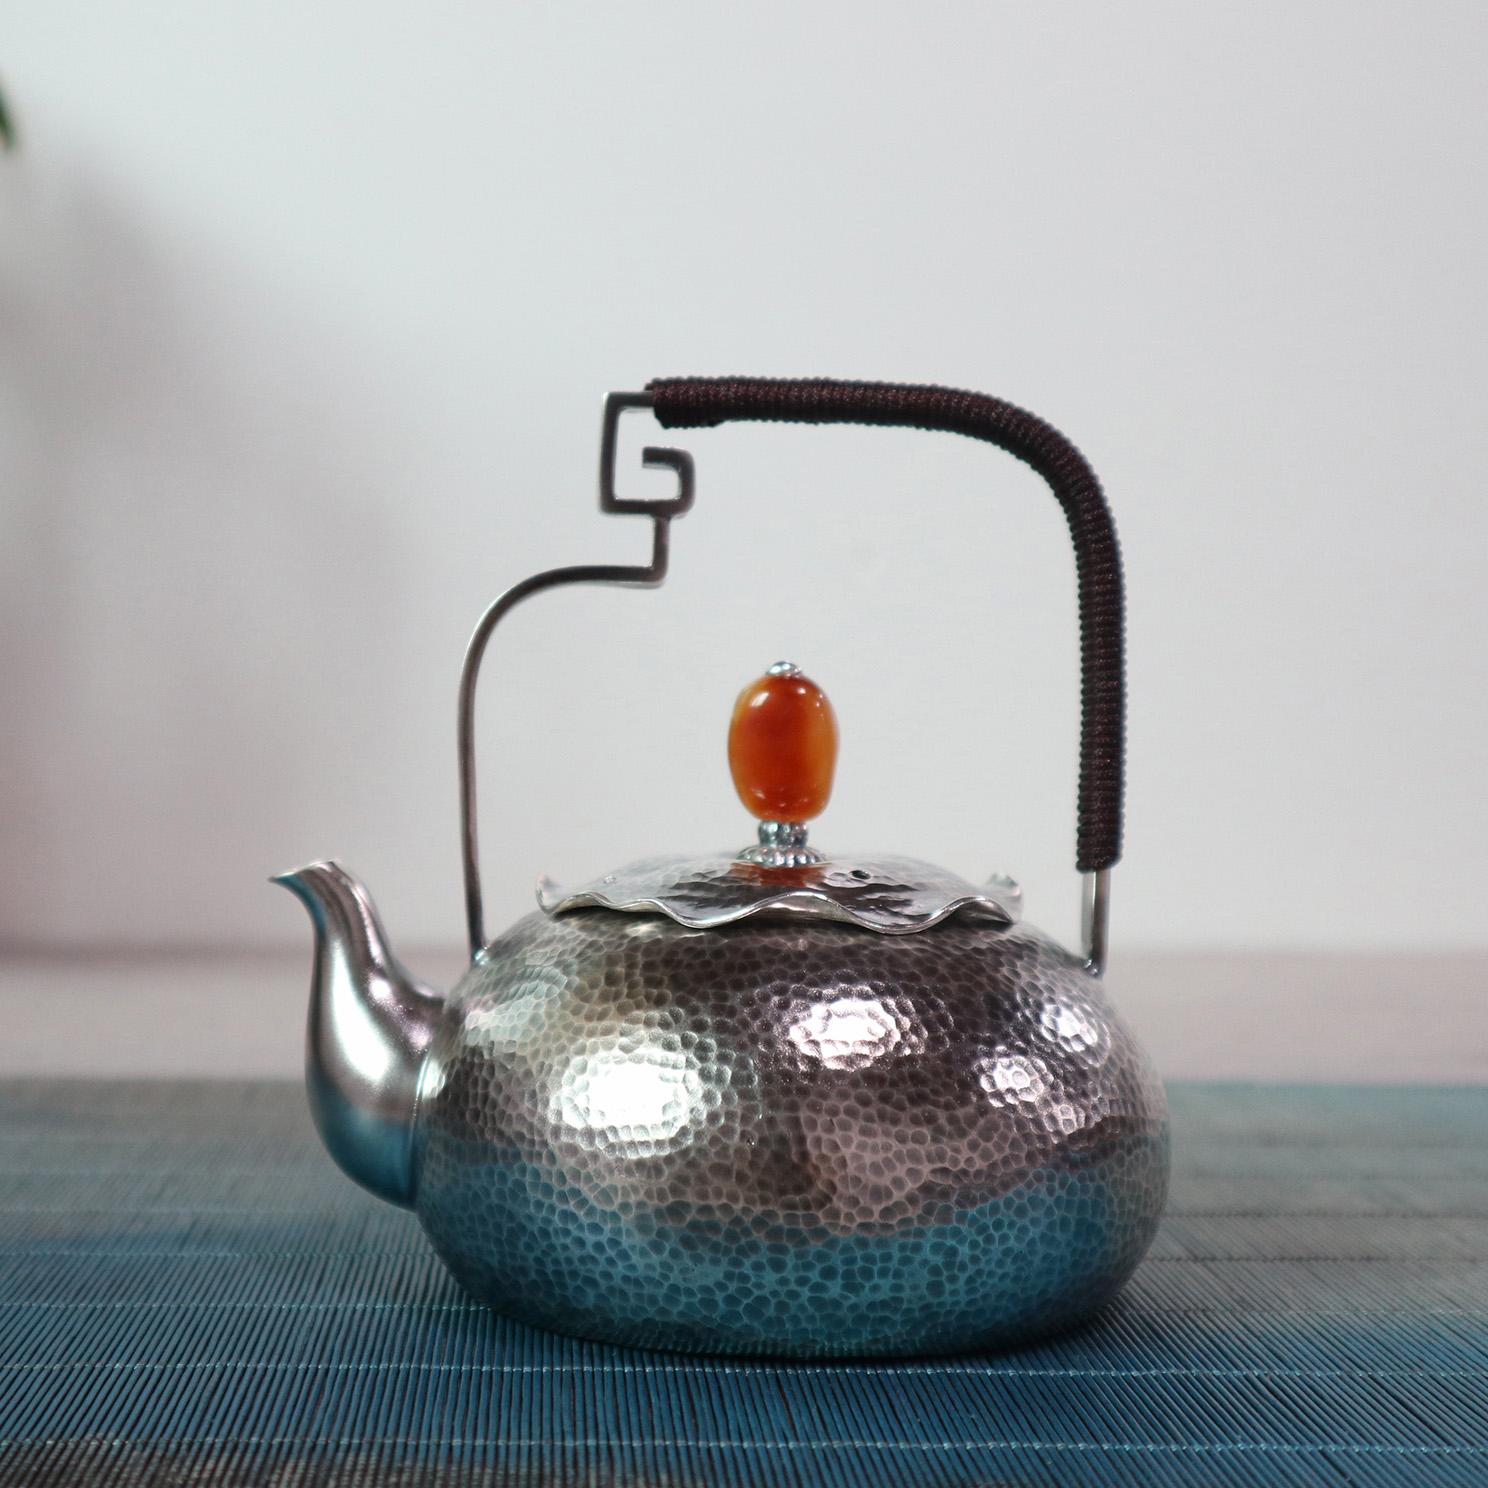 【夏莲】S999纯银手工 茶壶